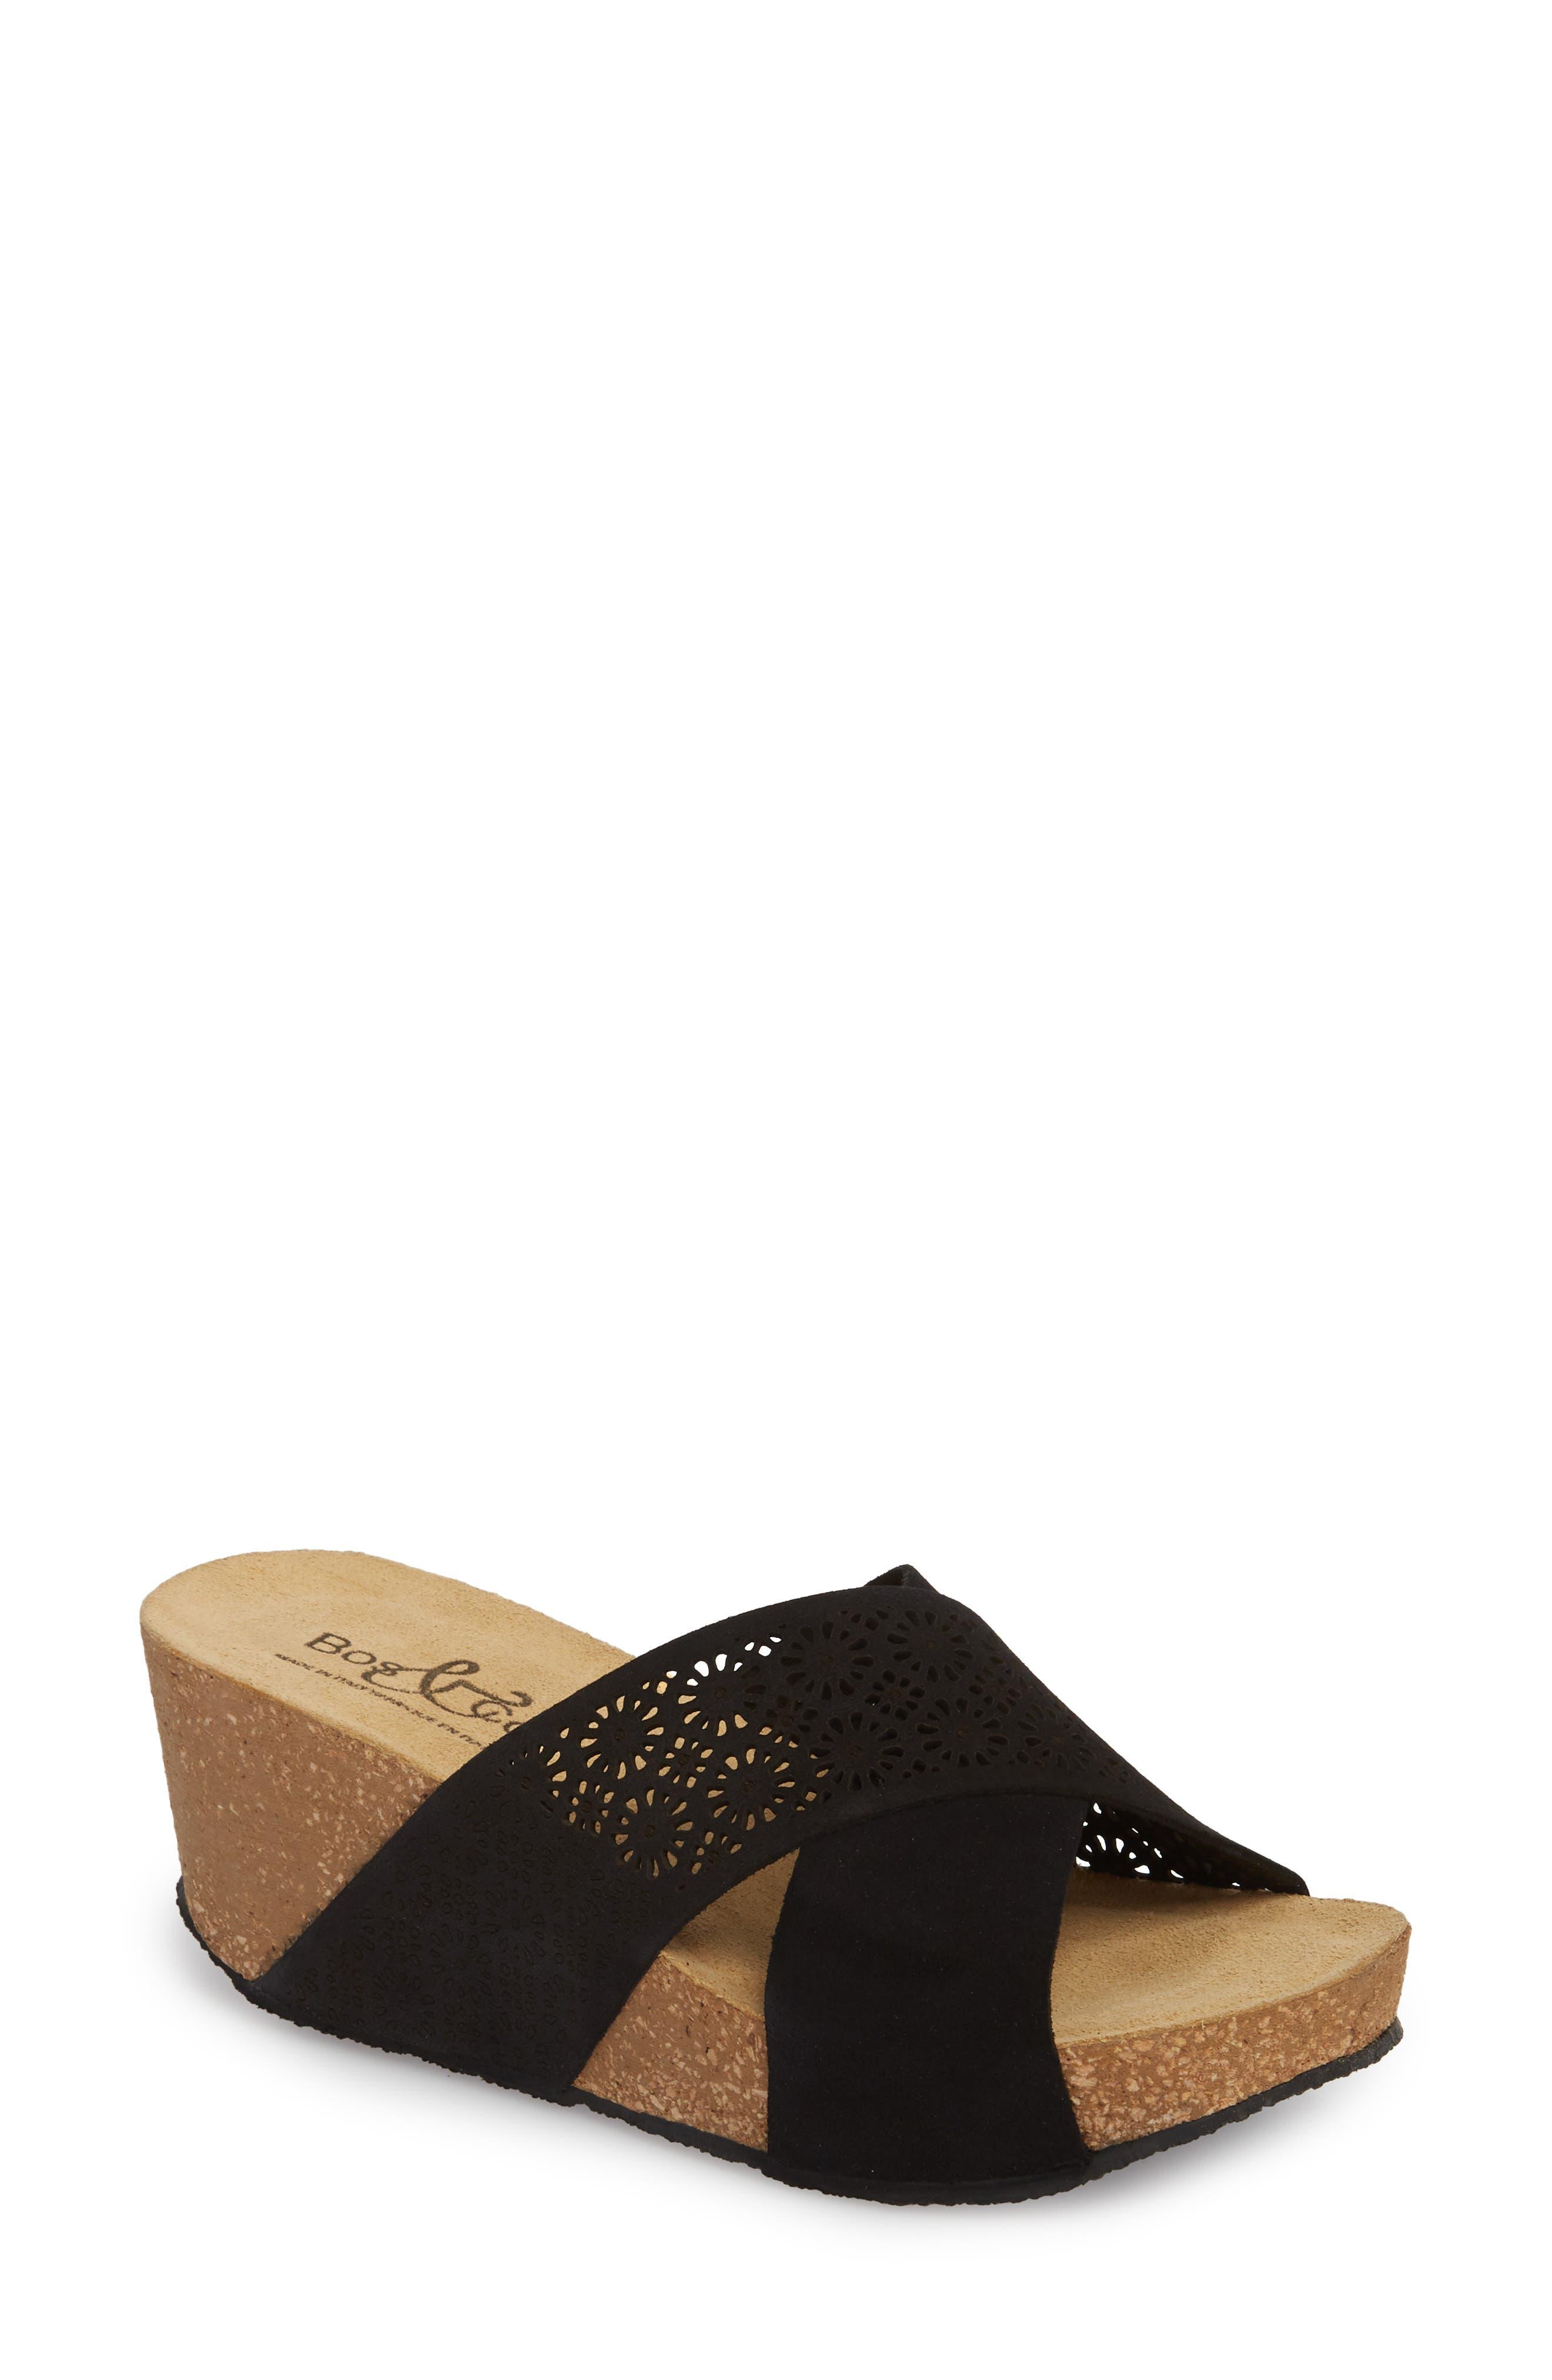 Bos. & Co. Lomi Platform Wedge Slide Sandal - Black